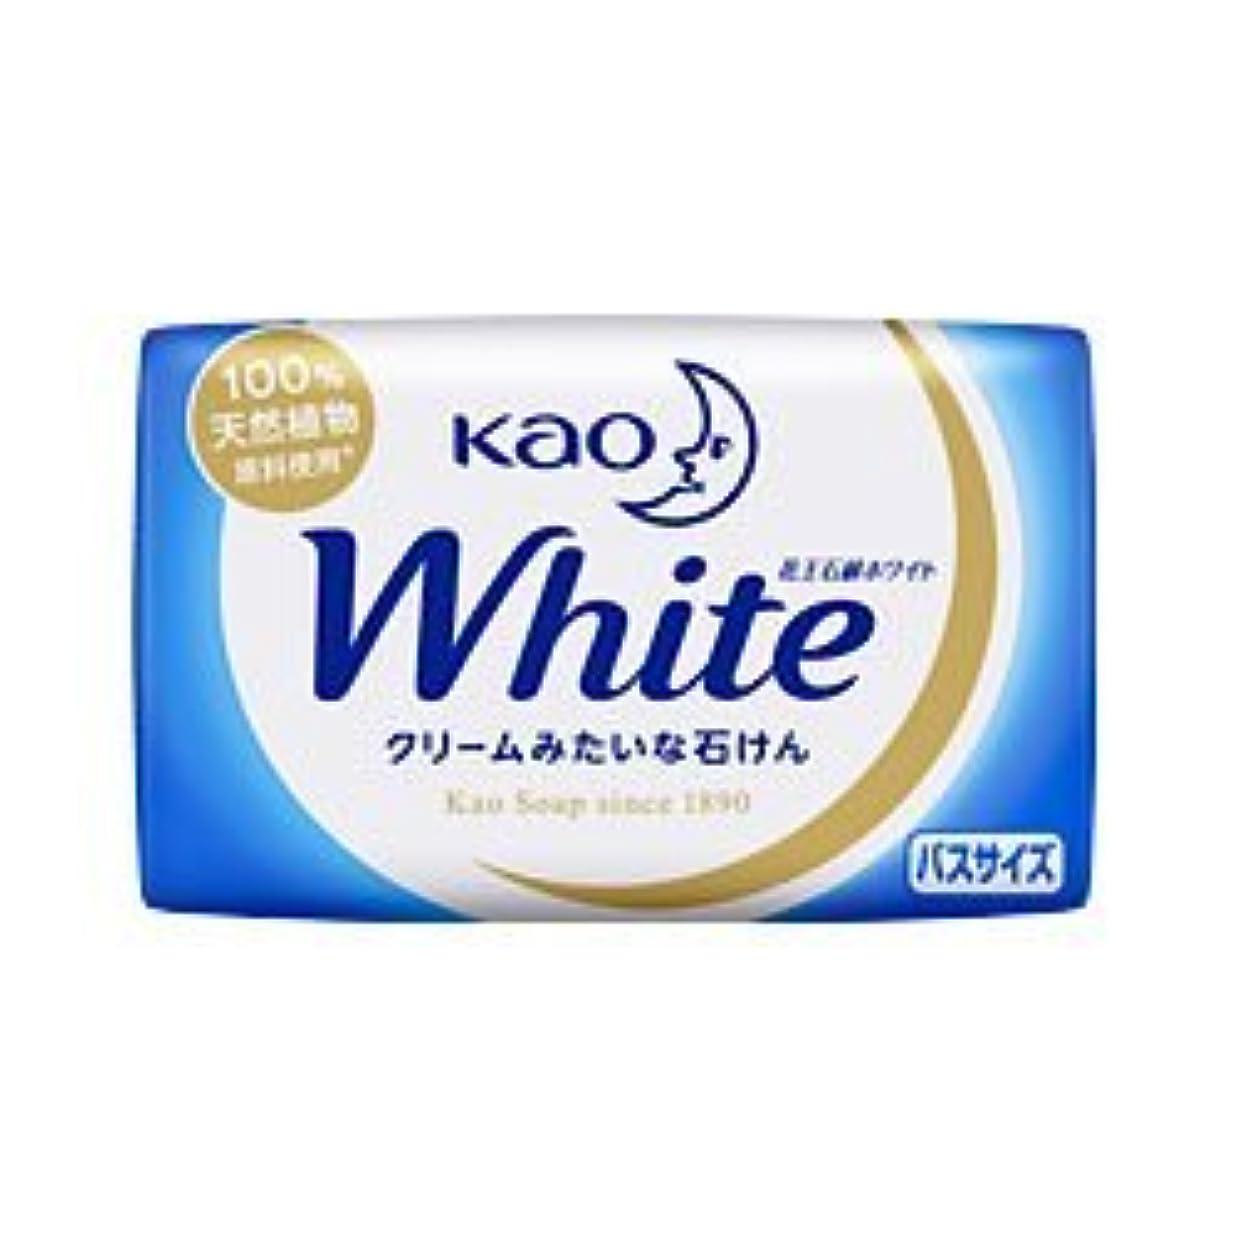 空洞電化する自伝【花王】花王ホワイト バスサイズ 1個 130g ×10個セット